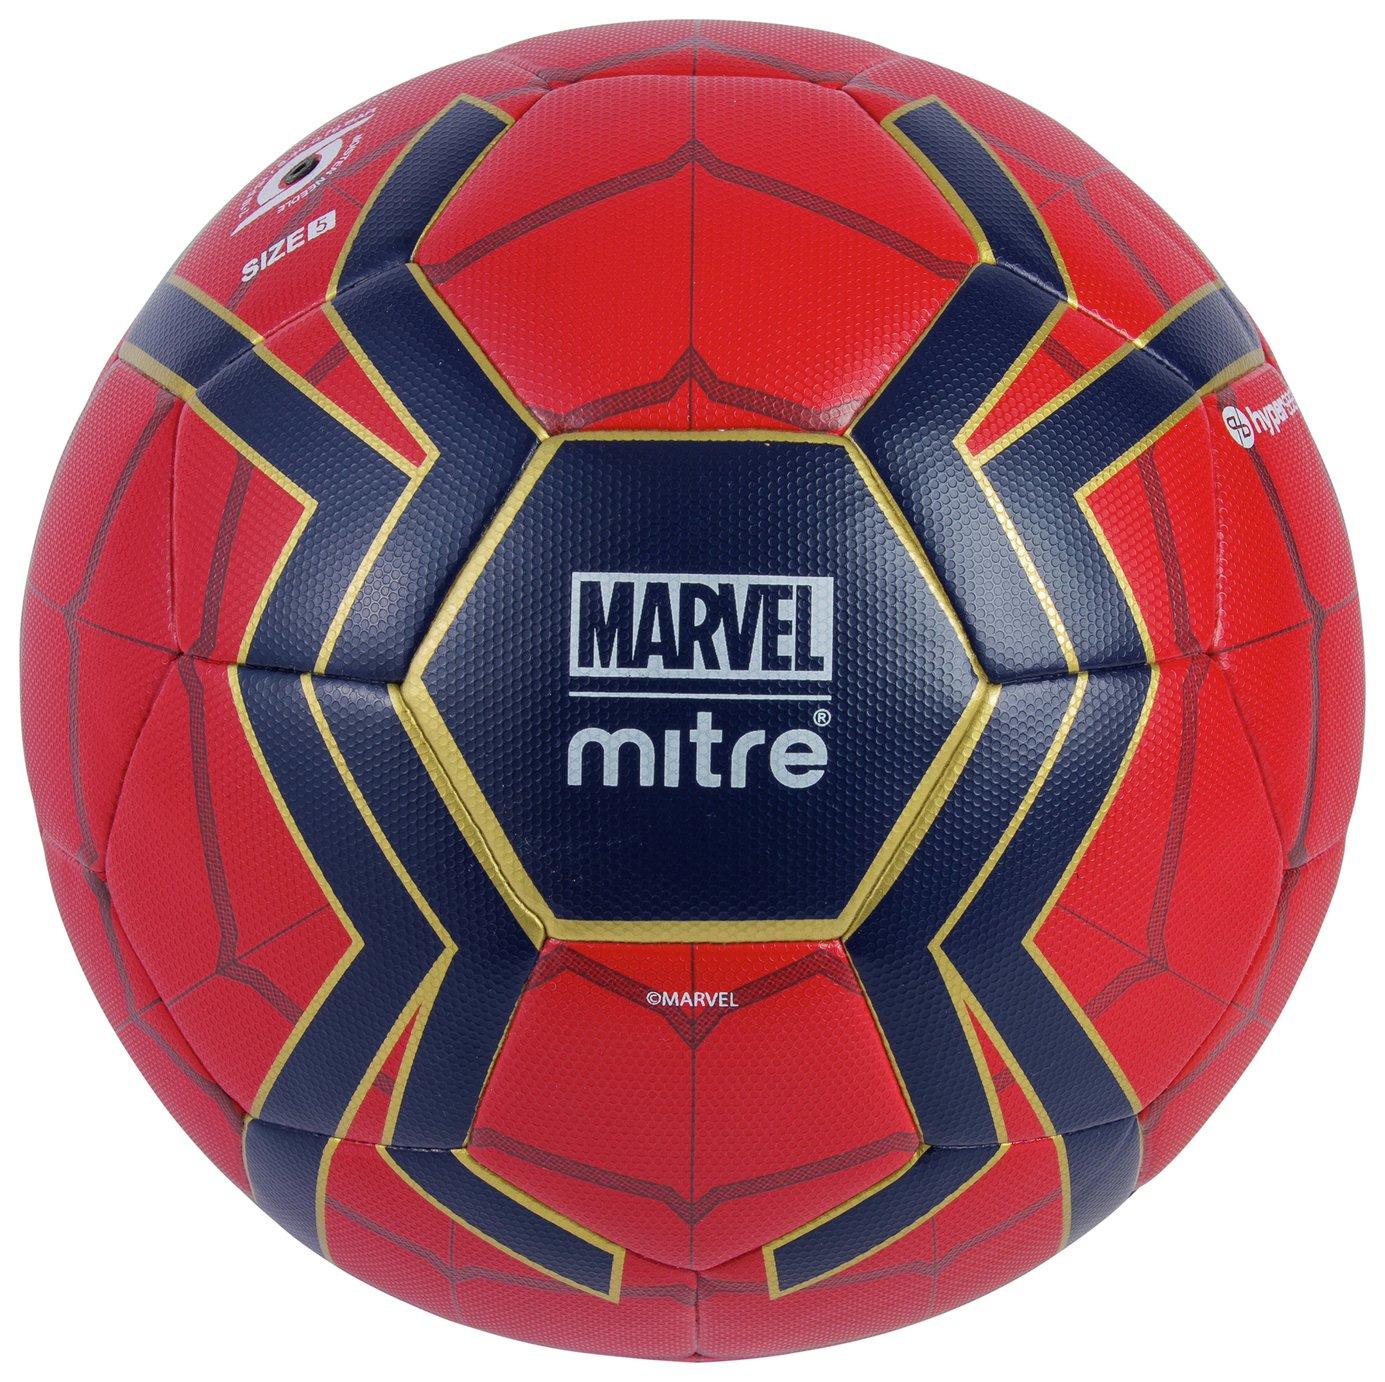 Mitre Marvel Spider-Man Size 5 Football